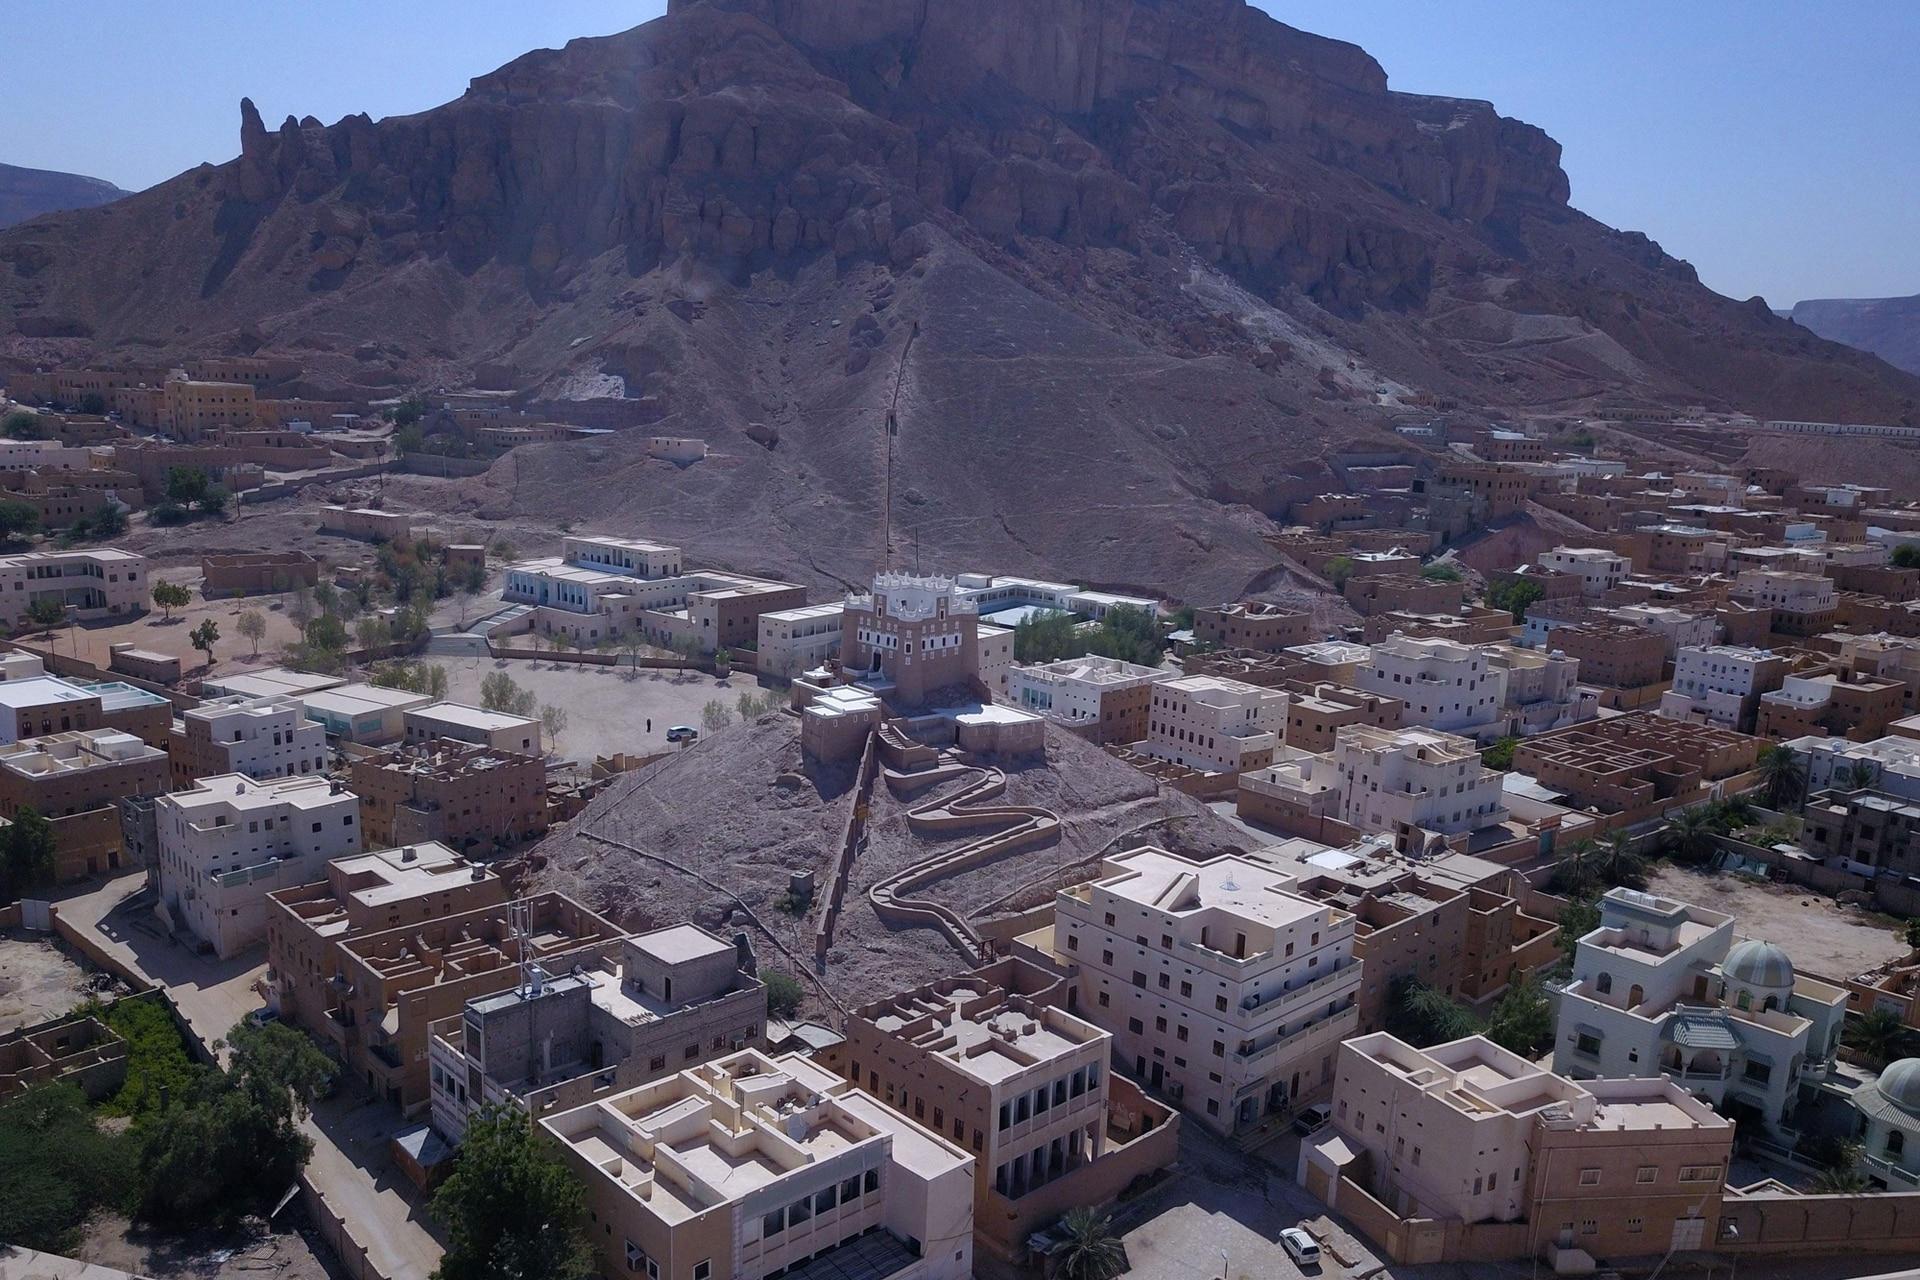 Shibam y otras dos ciudades históricas yemeníes se presentan como joyas de la arquitectura en arcilla del valle de Hadramut, que fue cuna de muchas antiguas civilizaciones